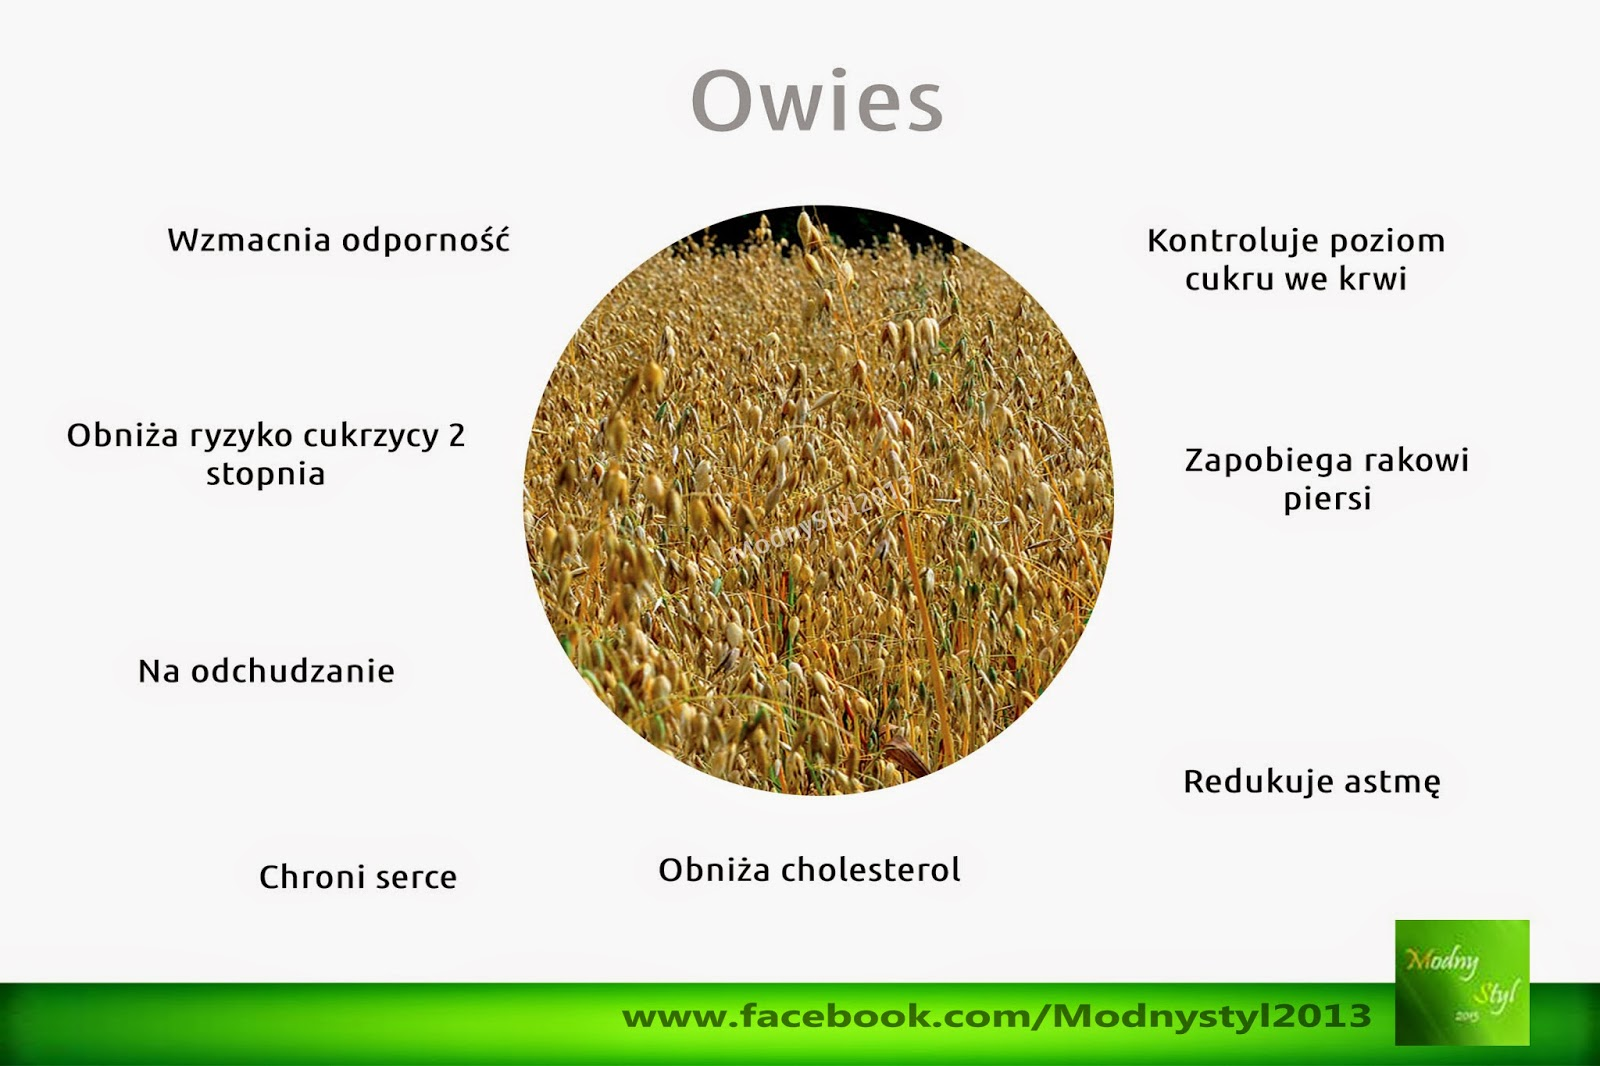 Owies i jego zdrowotne właściwości